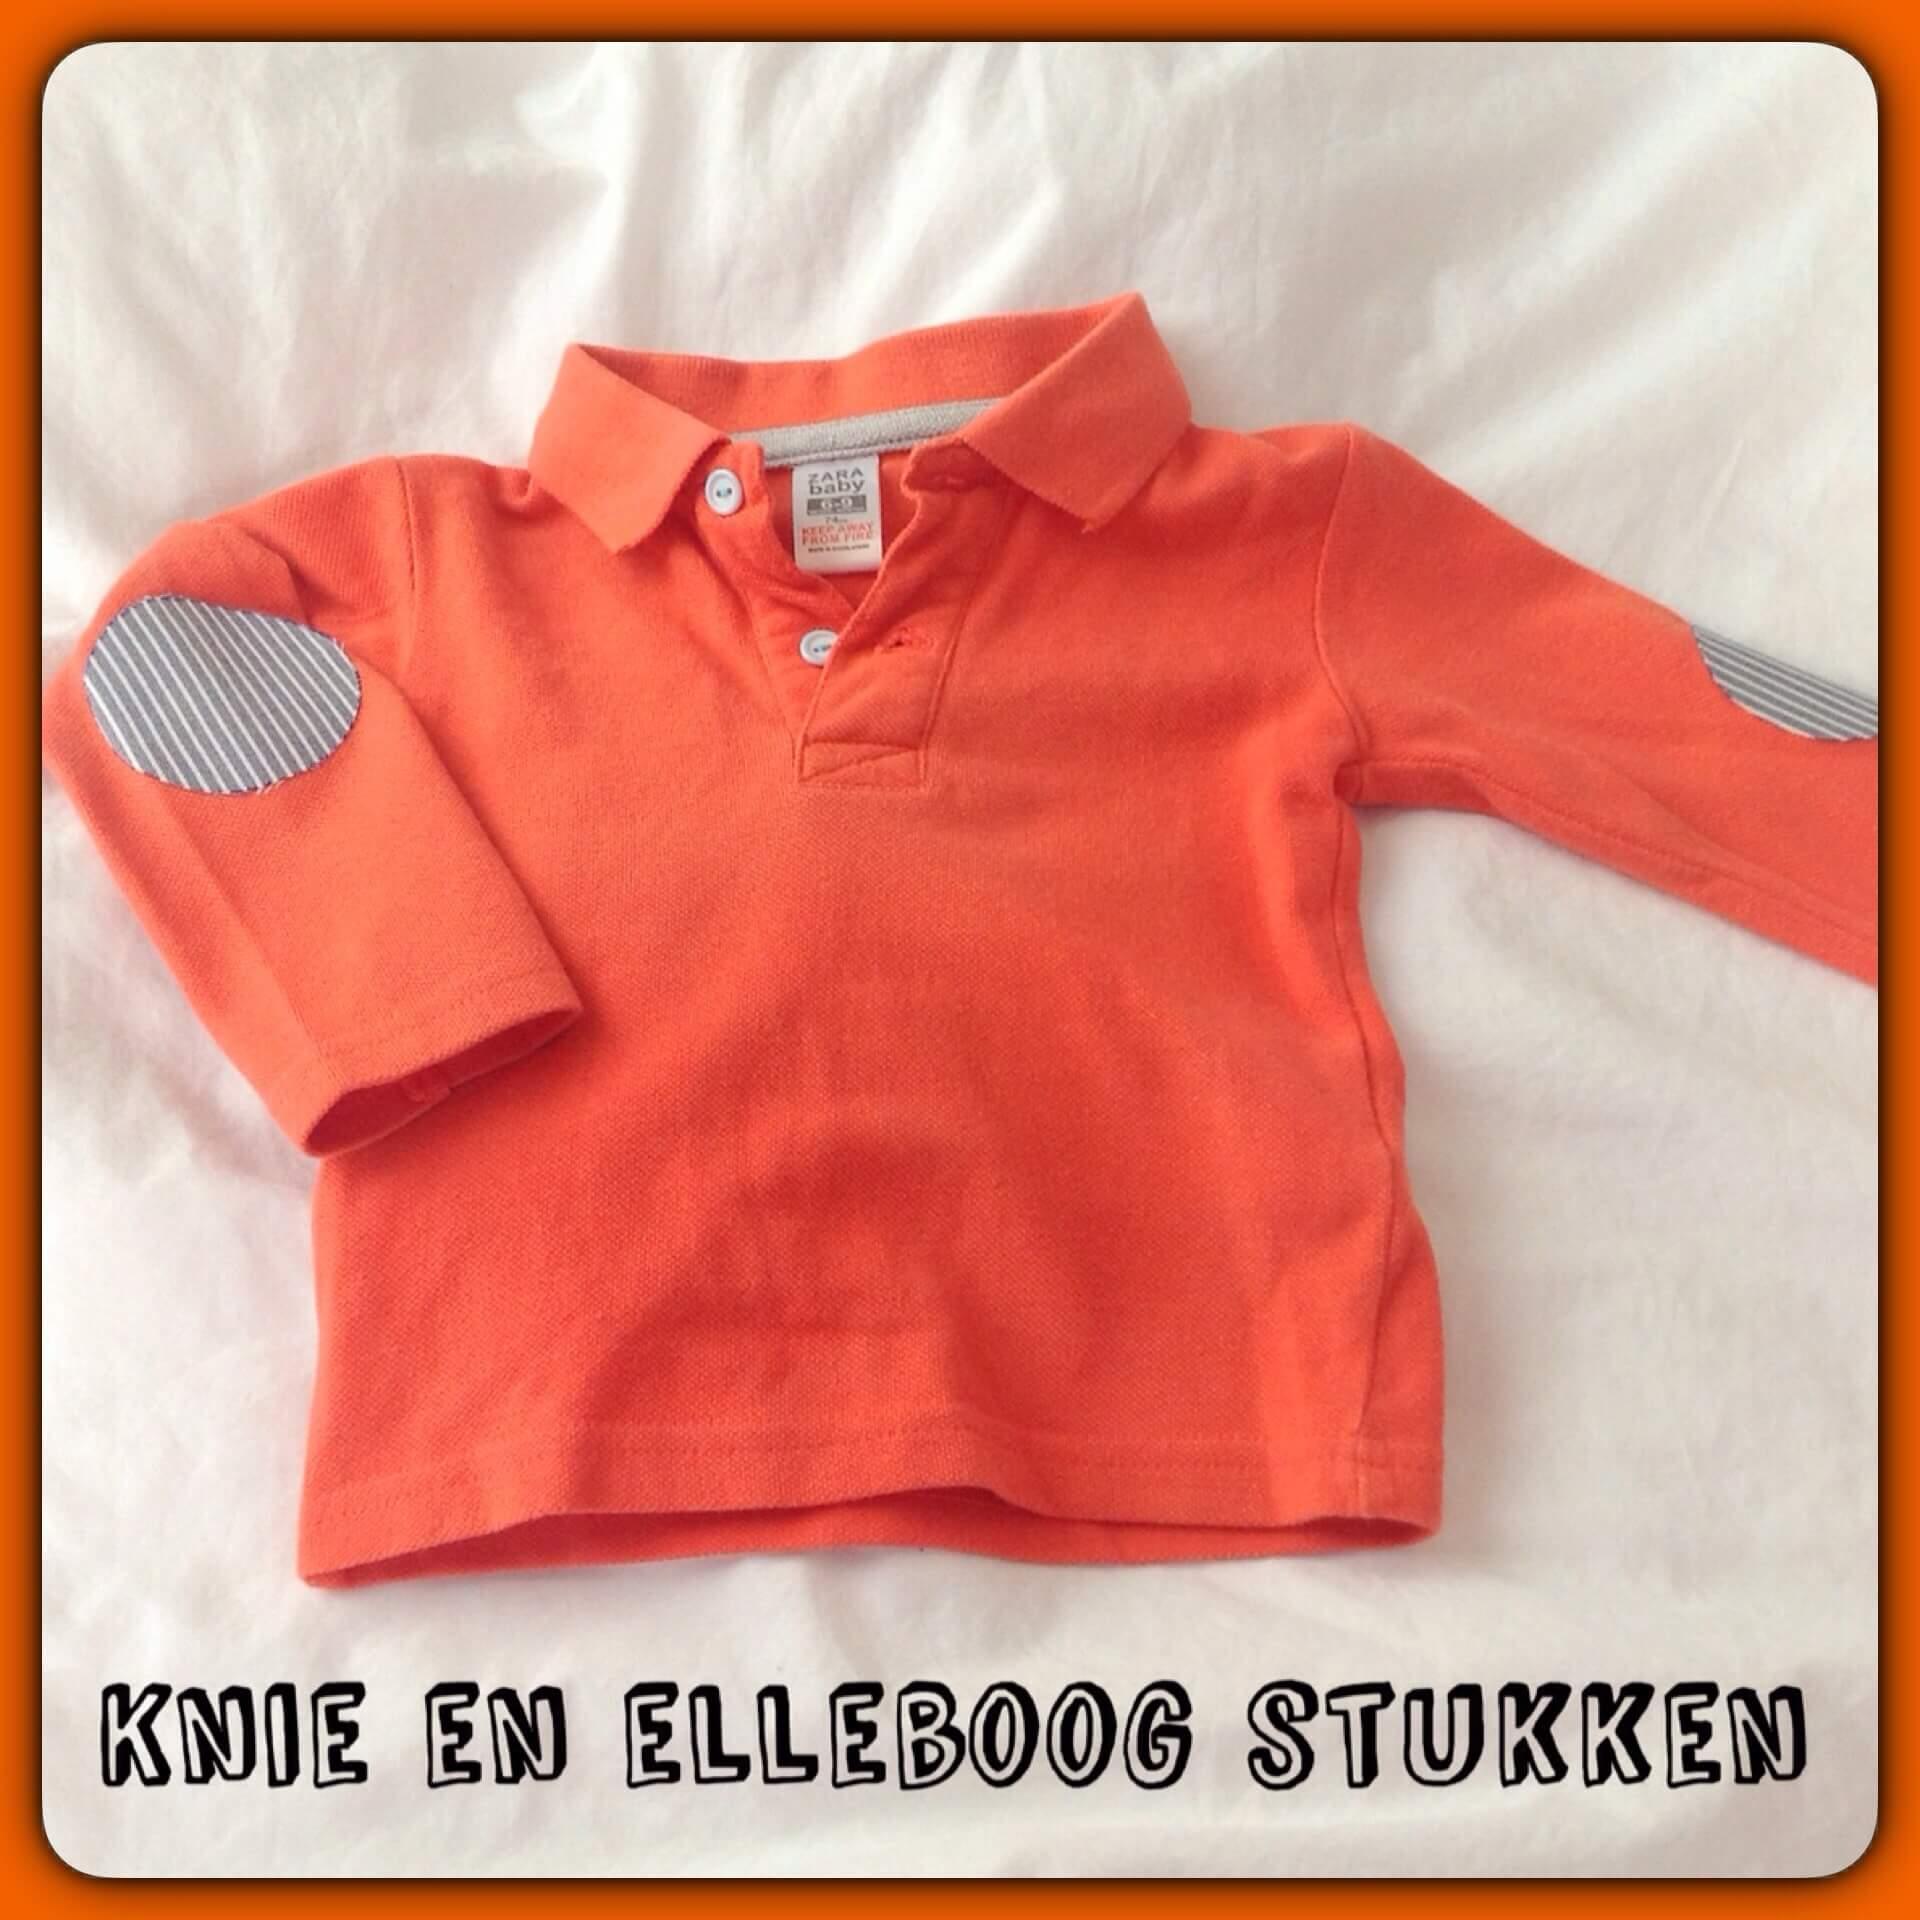 Kinderkleding DIY: elleboogstukken of kniestukken op kleding zetten